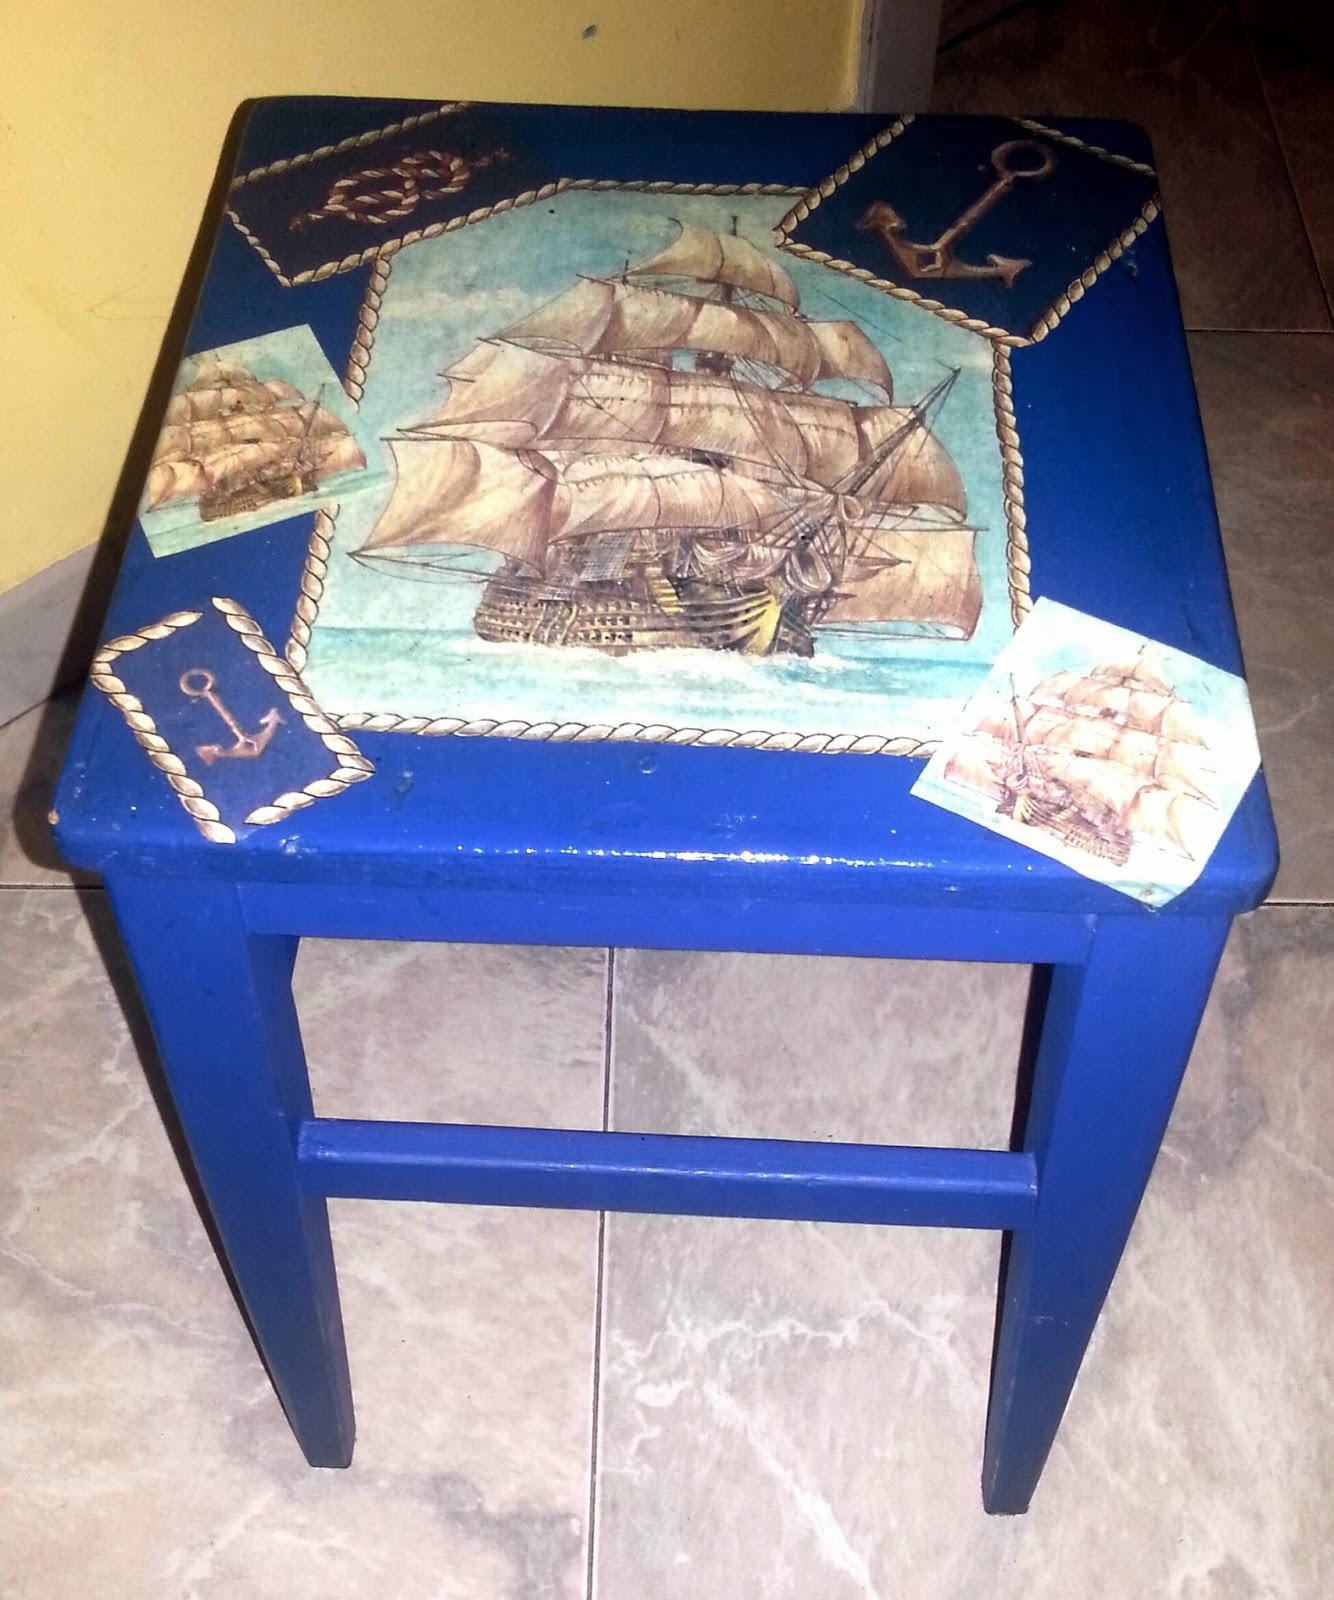 Riciclando con il decoupage mobili ristrutturati e decorati con la tecnica del decoupage - Decoupage su mobili vecchi ...